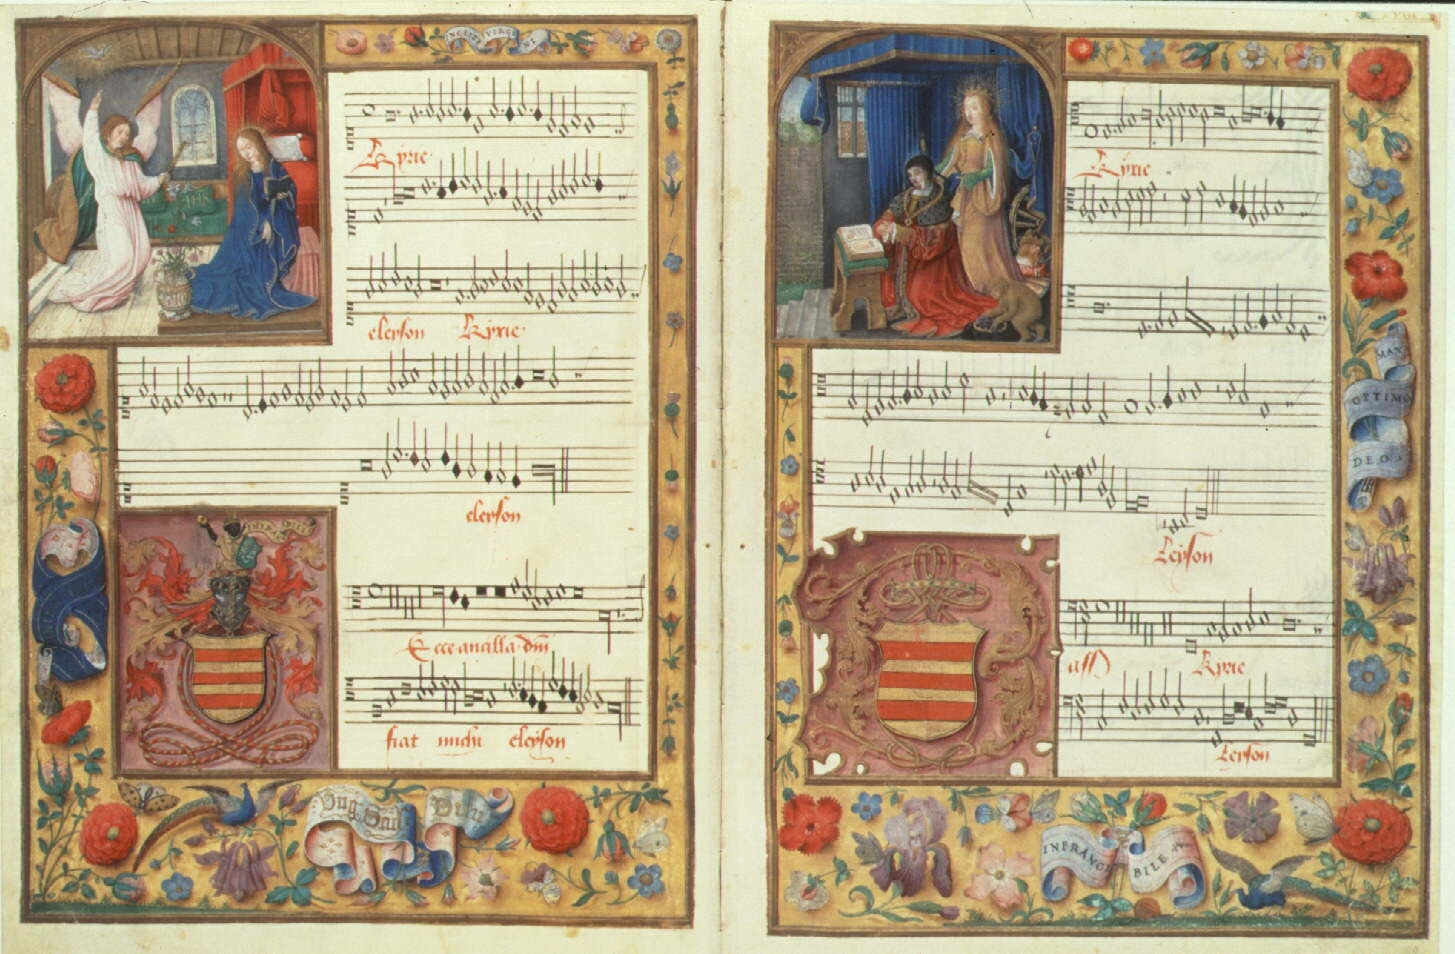 Depiction of Codex Chigi